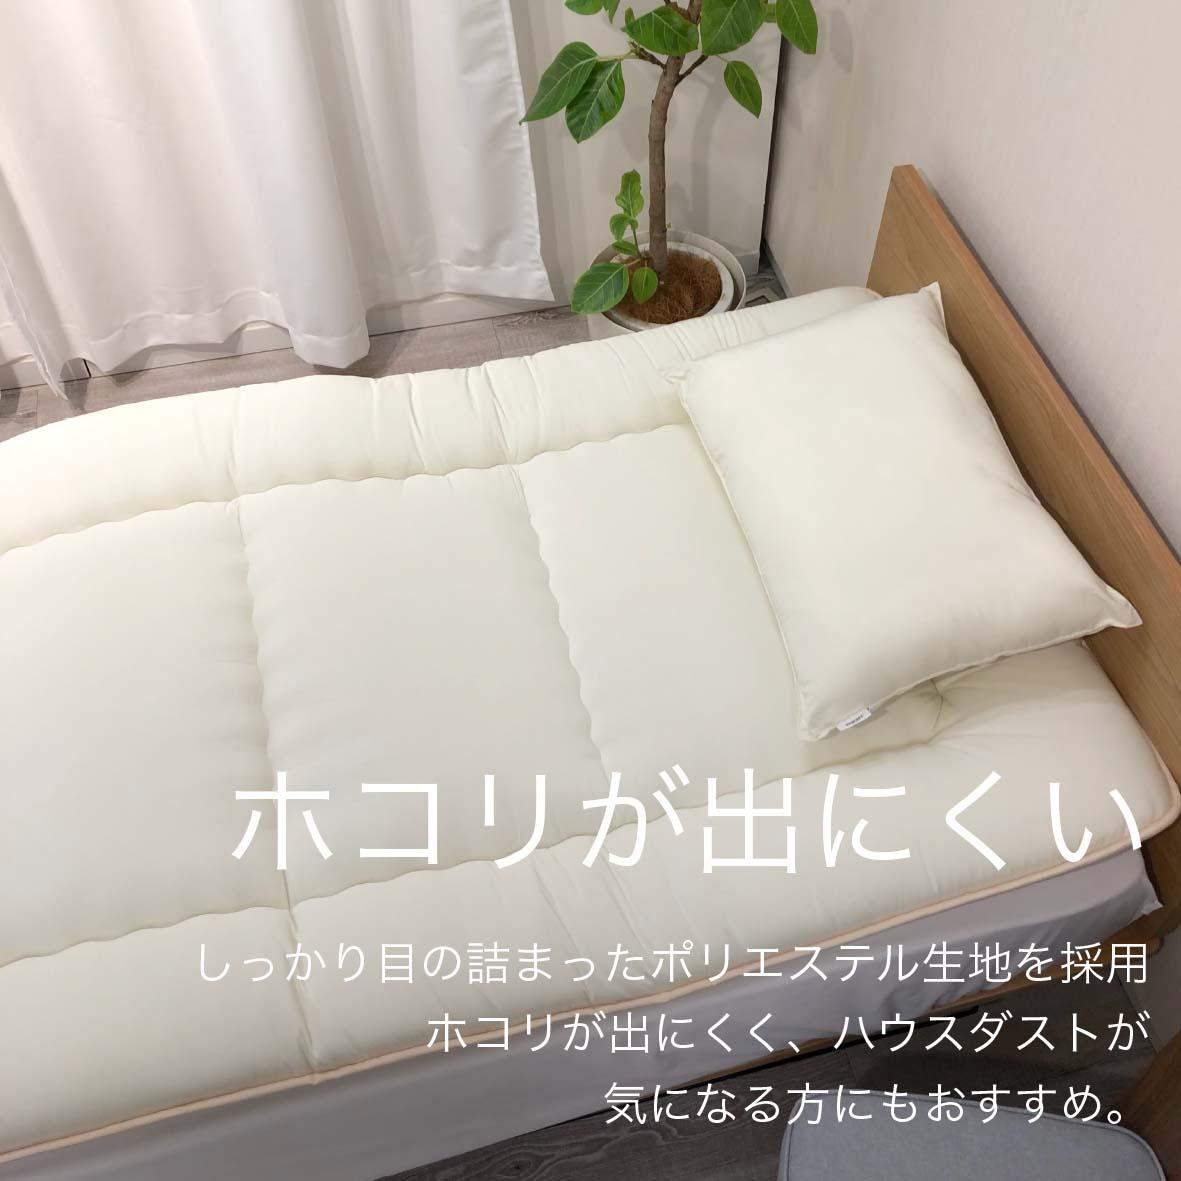 ダニストTM 防ダニ敷き布団SL シングル 100x210cm (ネイビー、ベージュ)